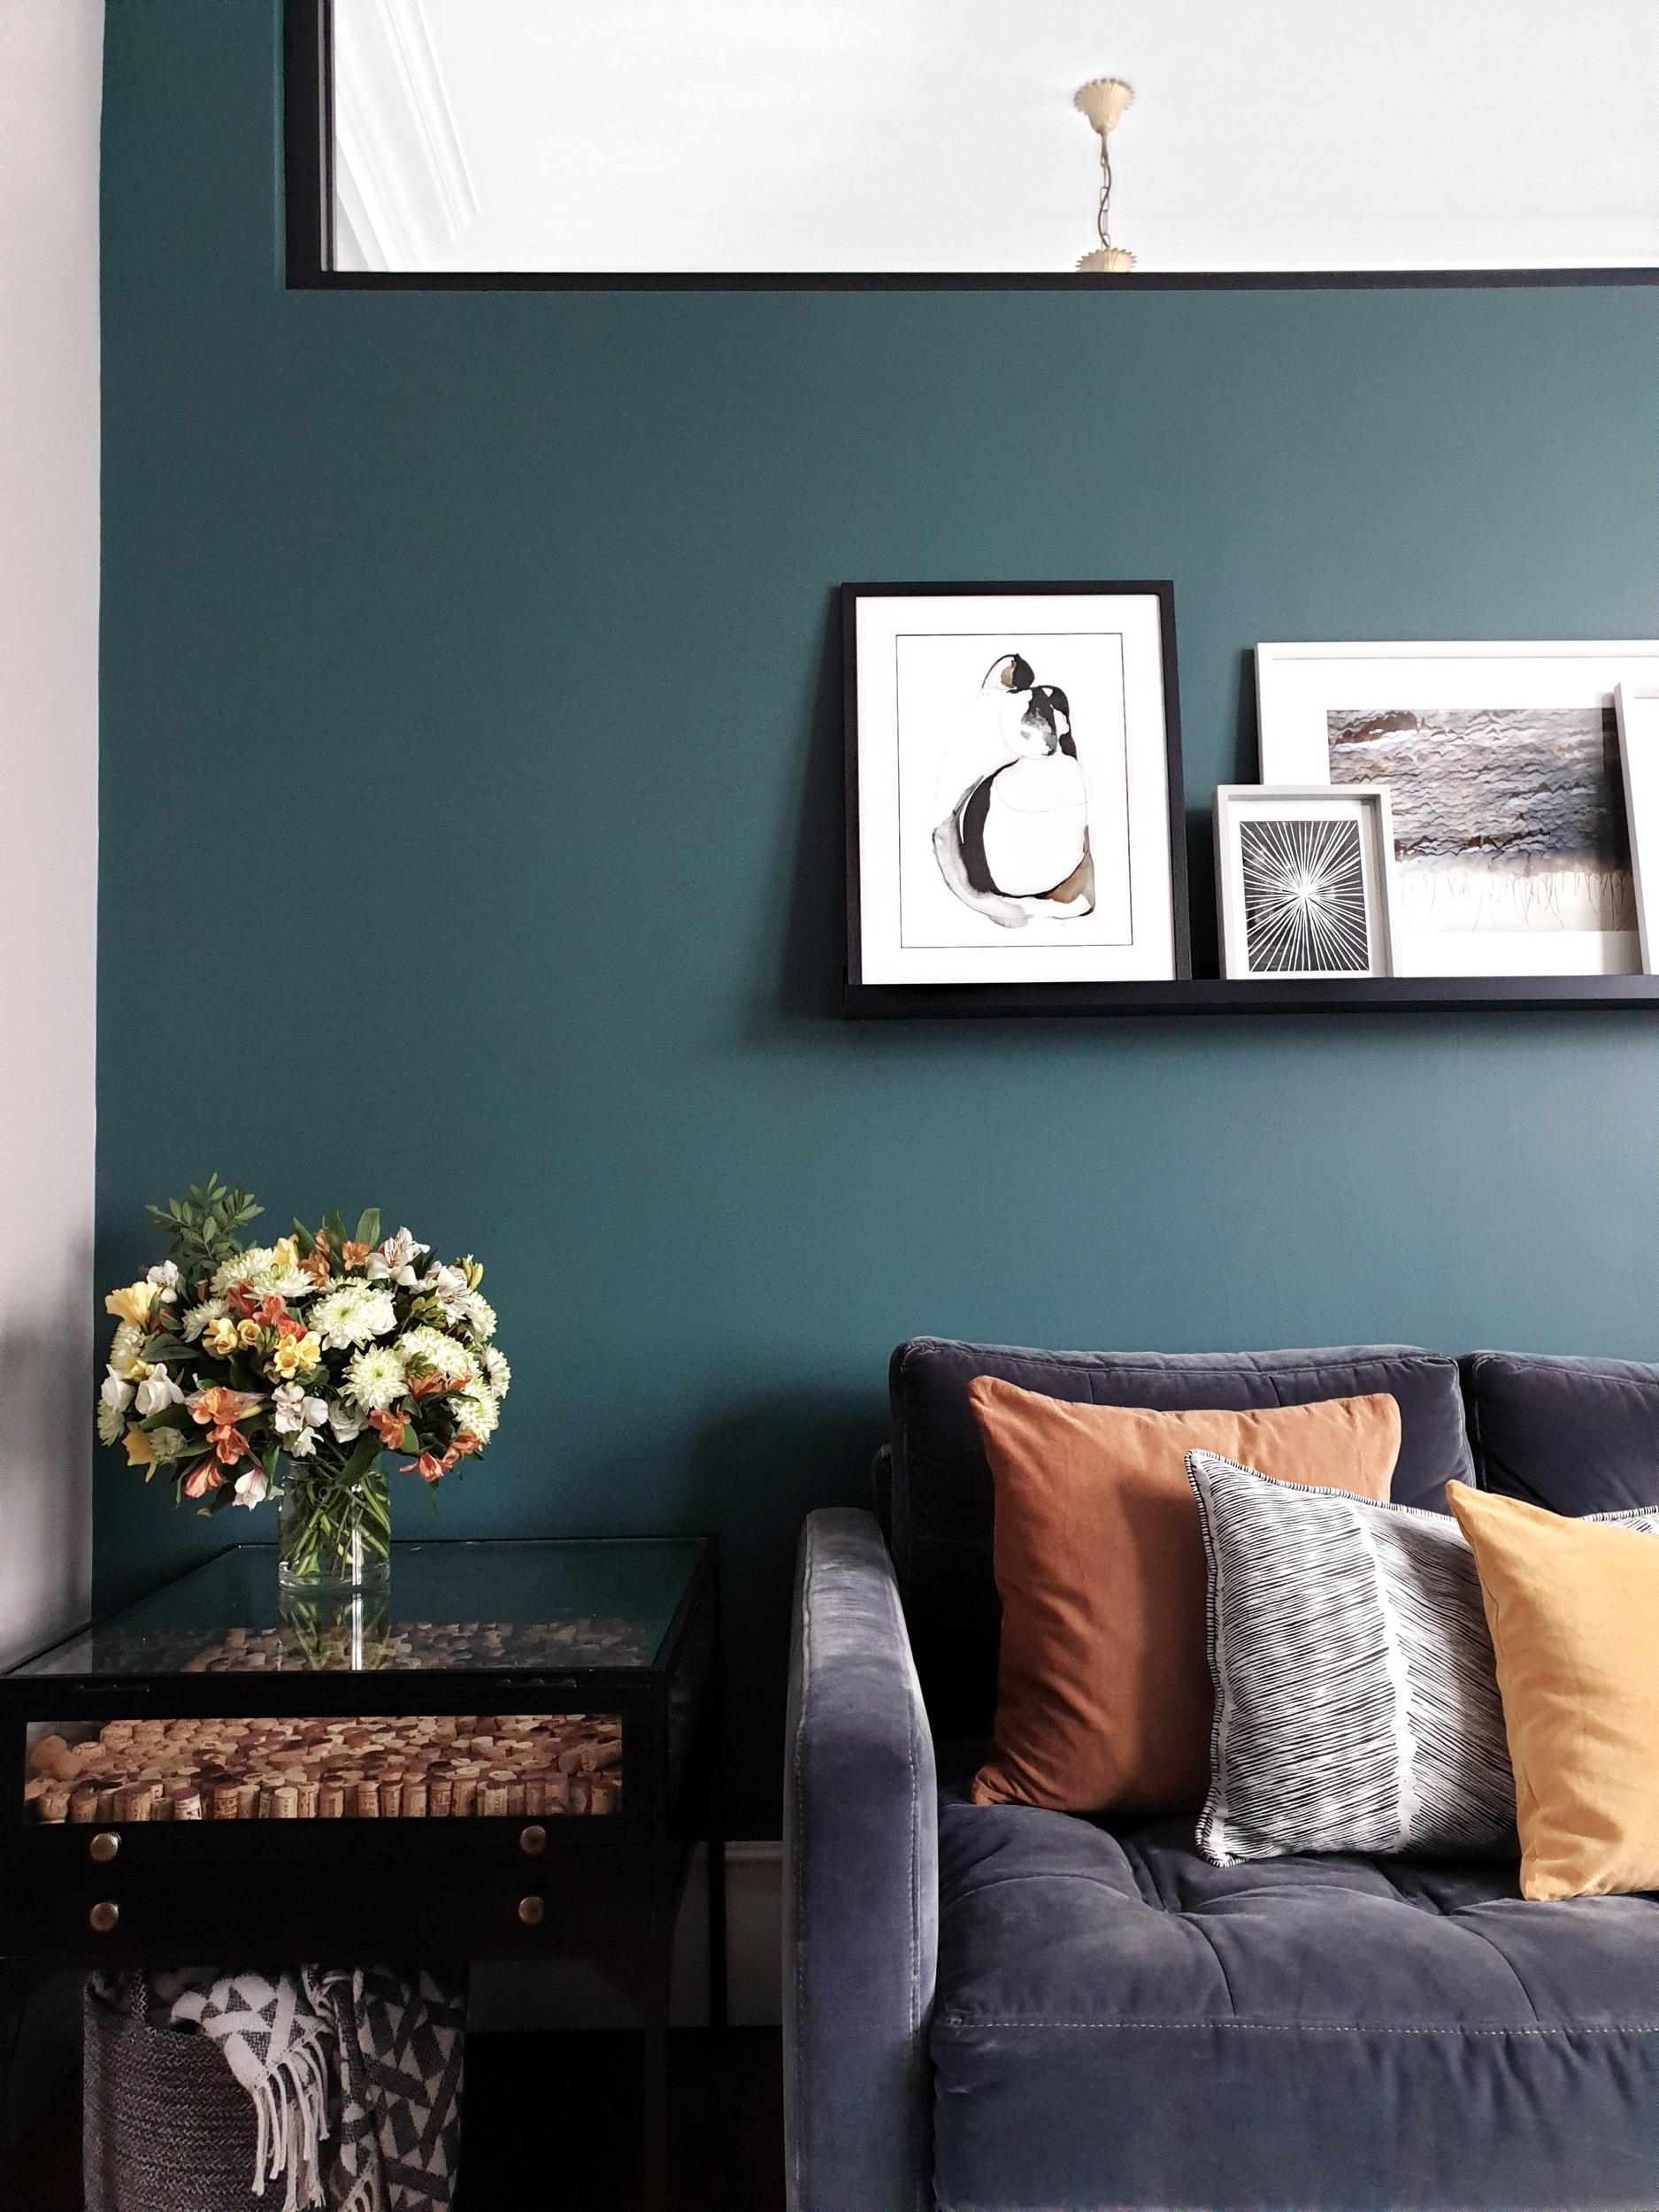 Living+room+sofa+-+wall+view.jpg